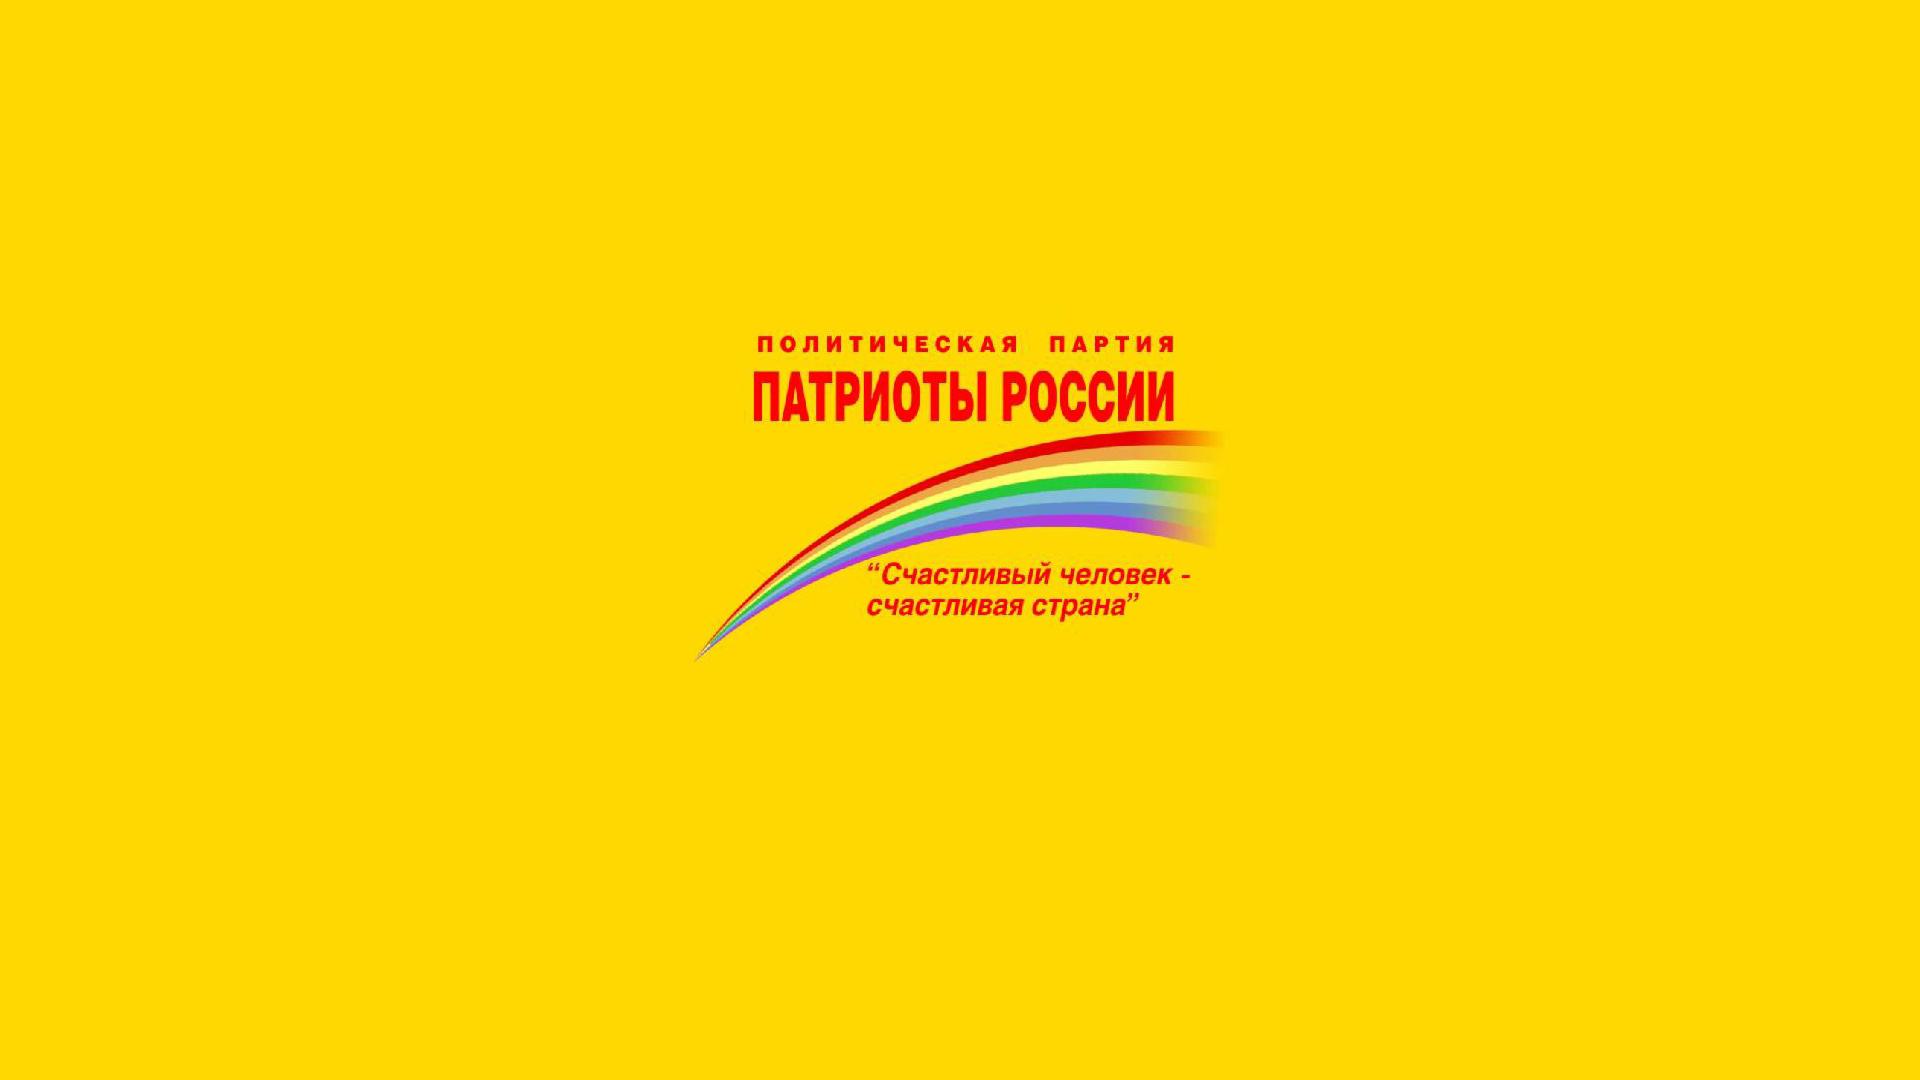 Авиация россии обои на рабочий стол